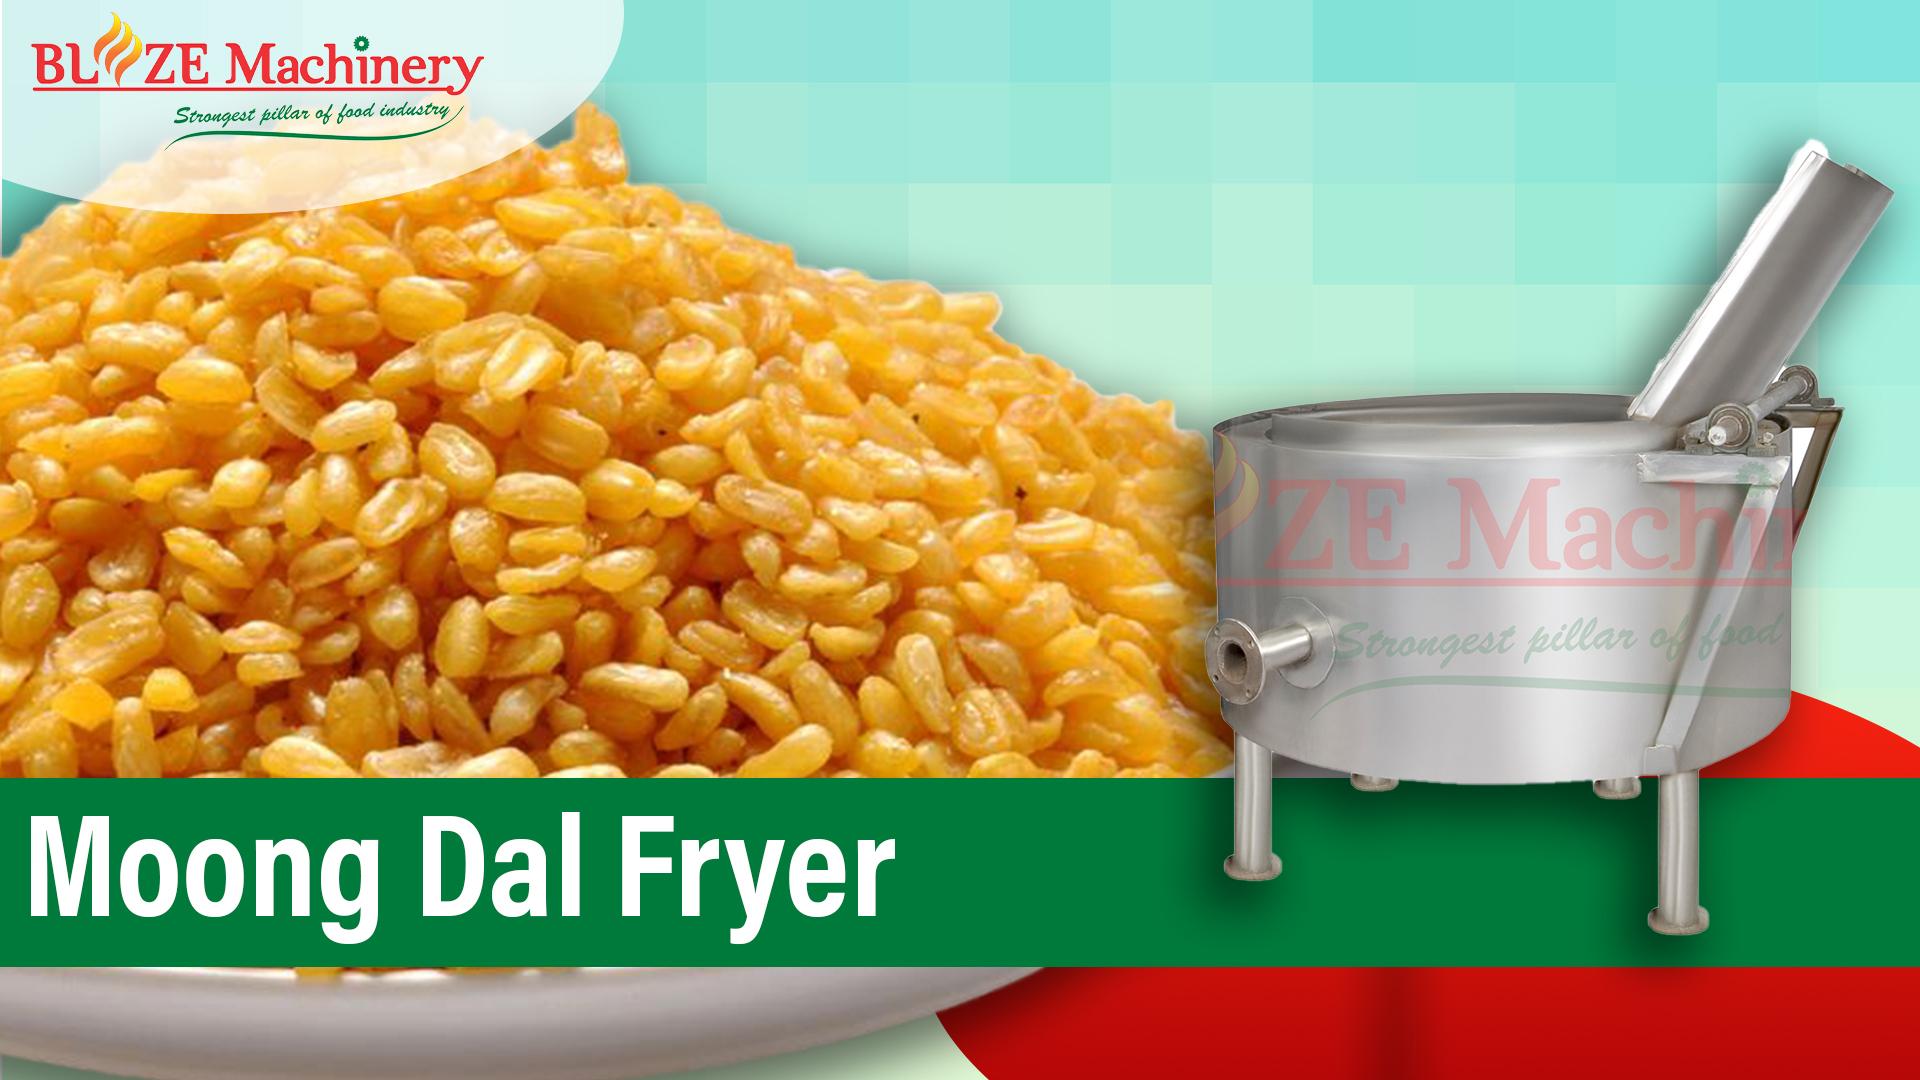 Moong Dal Frying Machine